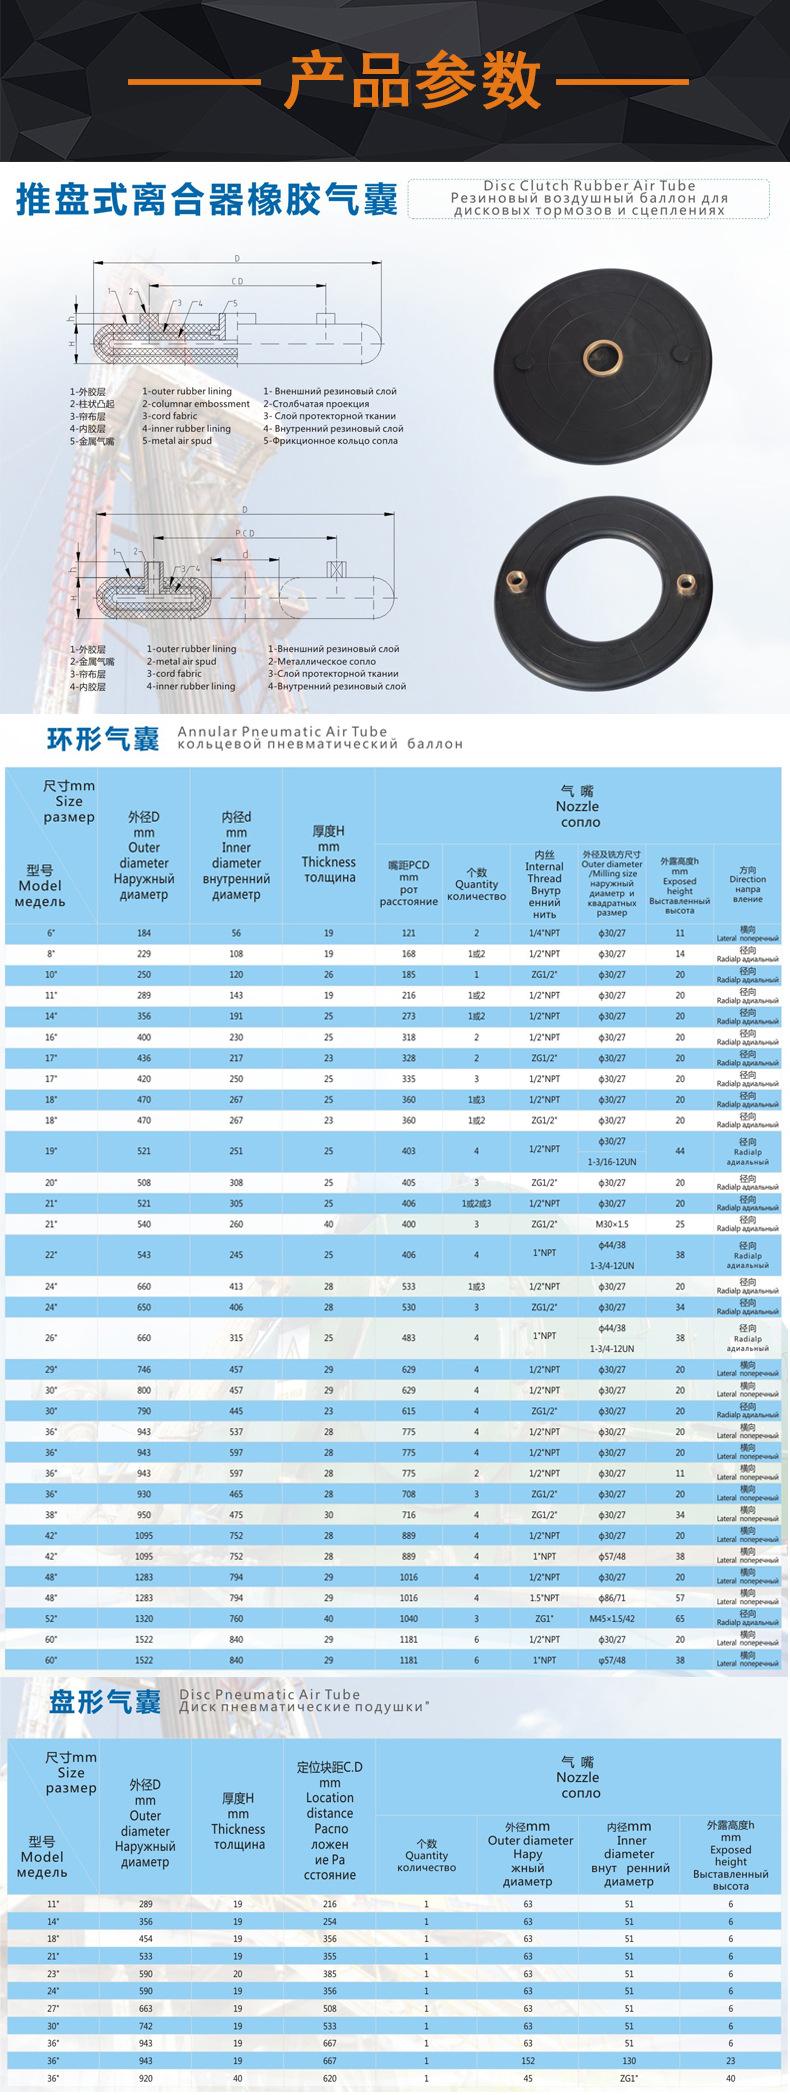 河南大林3-推盘式气囊.jpg